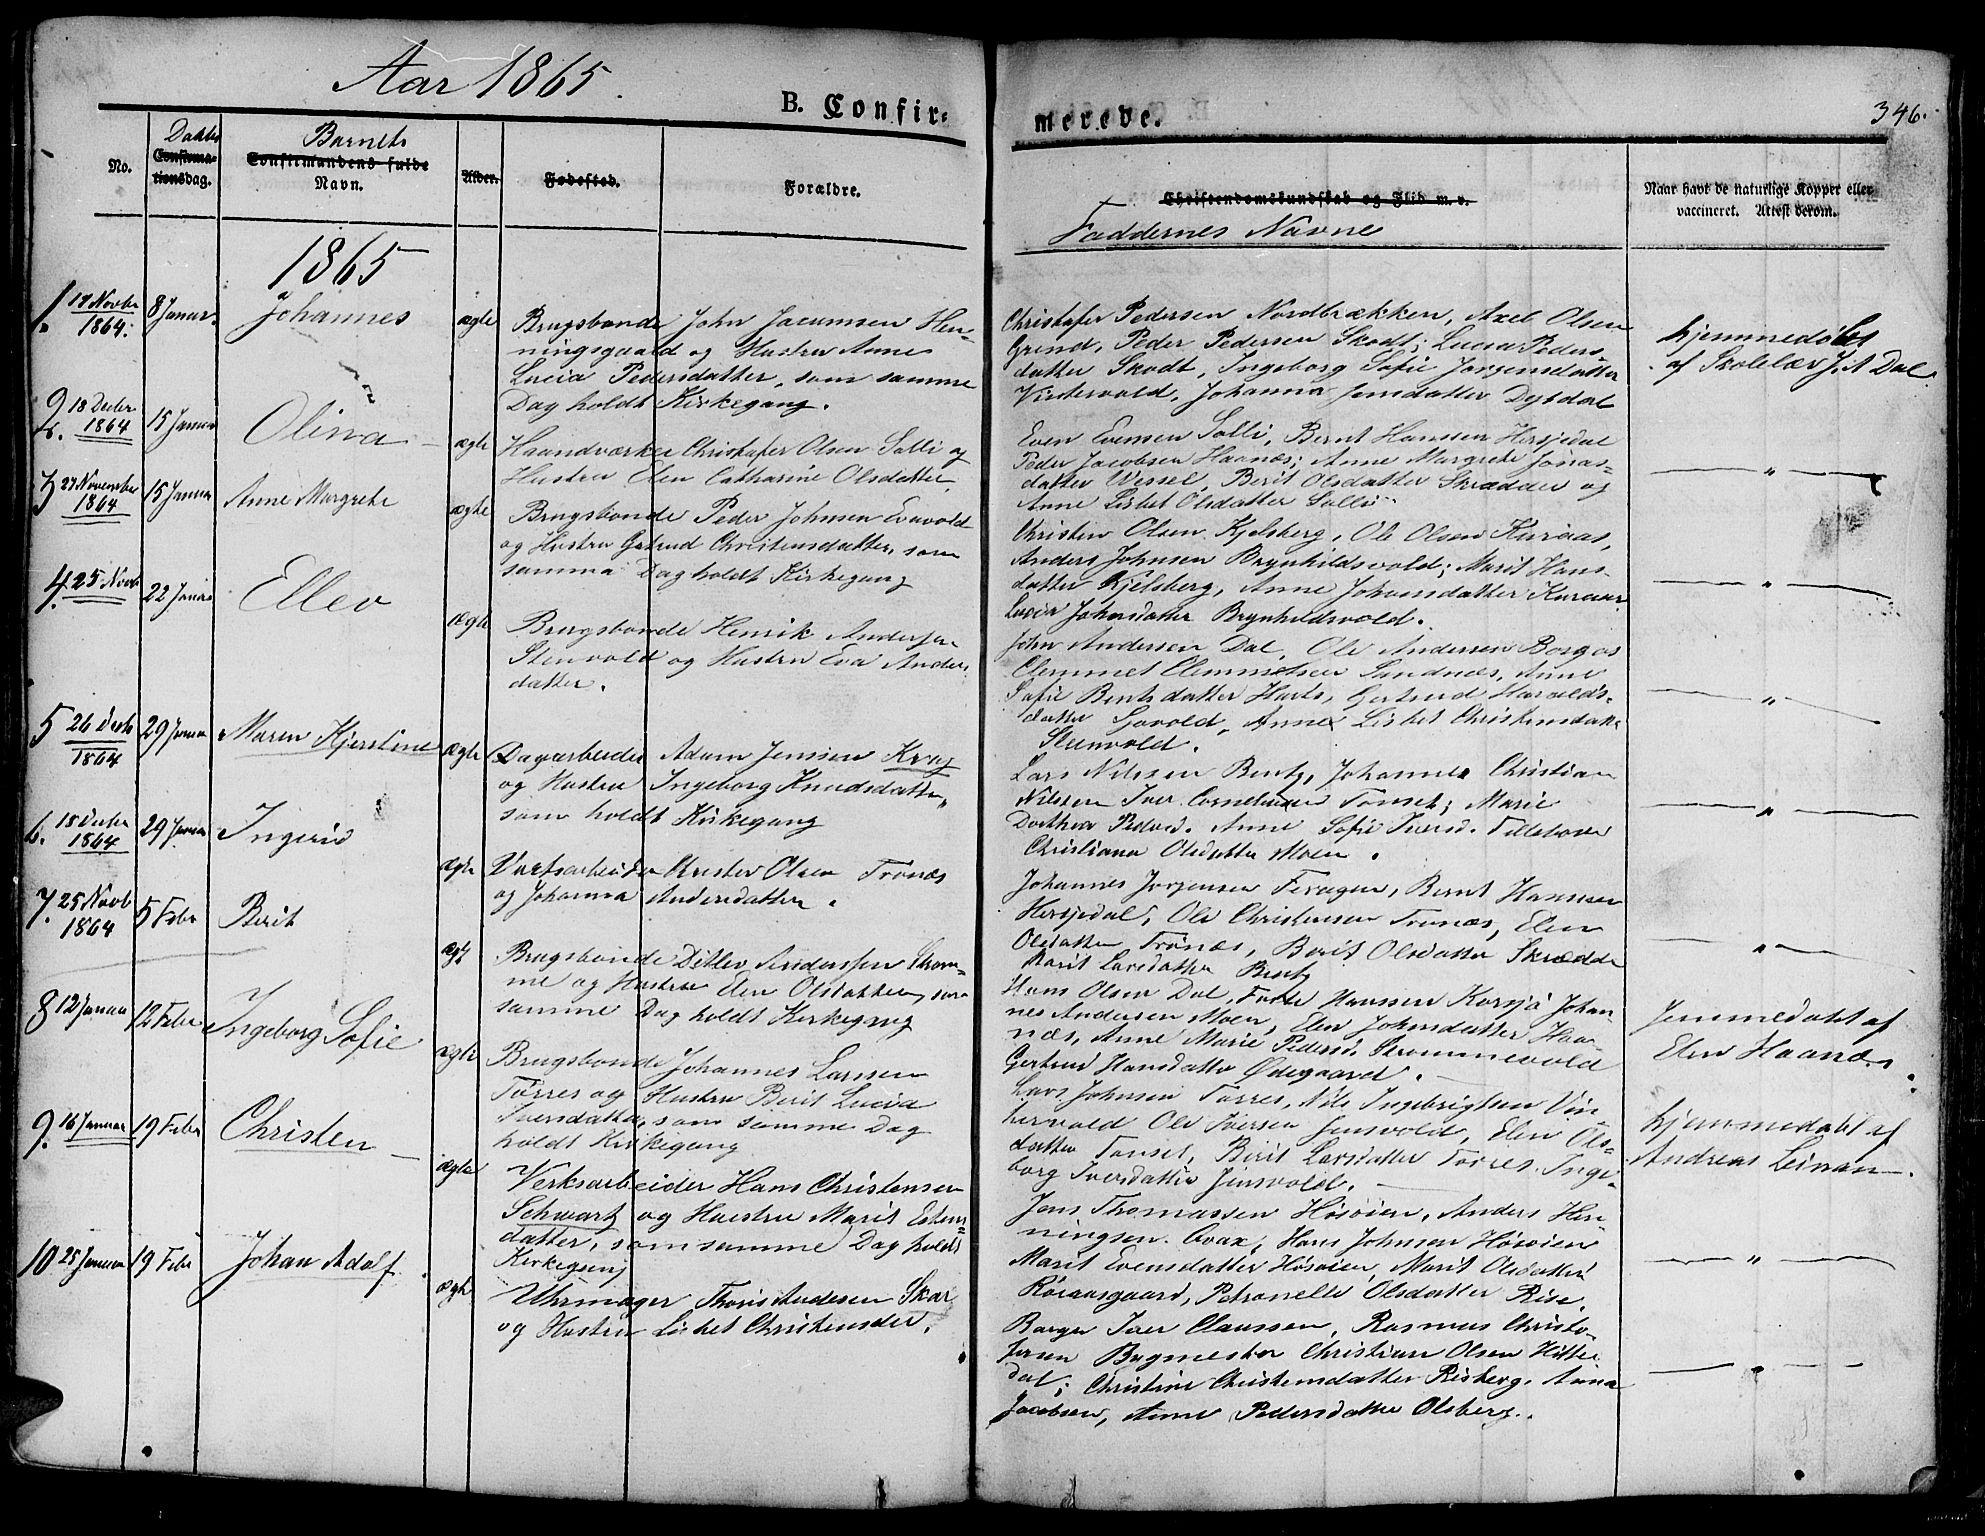 SAT, Ministerialprotokoller, klokkerbøker og fødselsregistre - Sør-Trøndelag, 681/L0938: Klokkerbok nr. 681C02, 1829-1879, s. 346